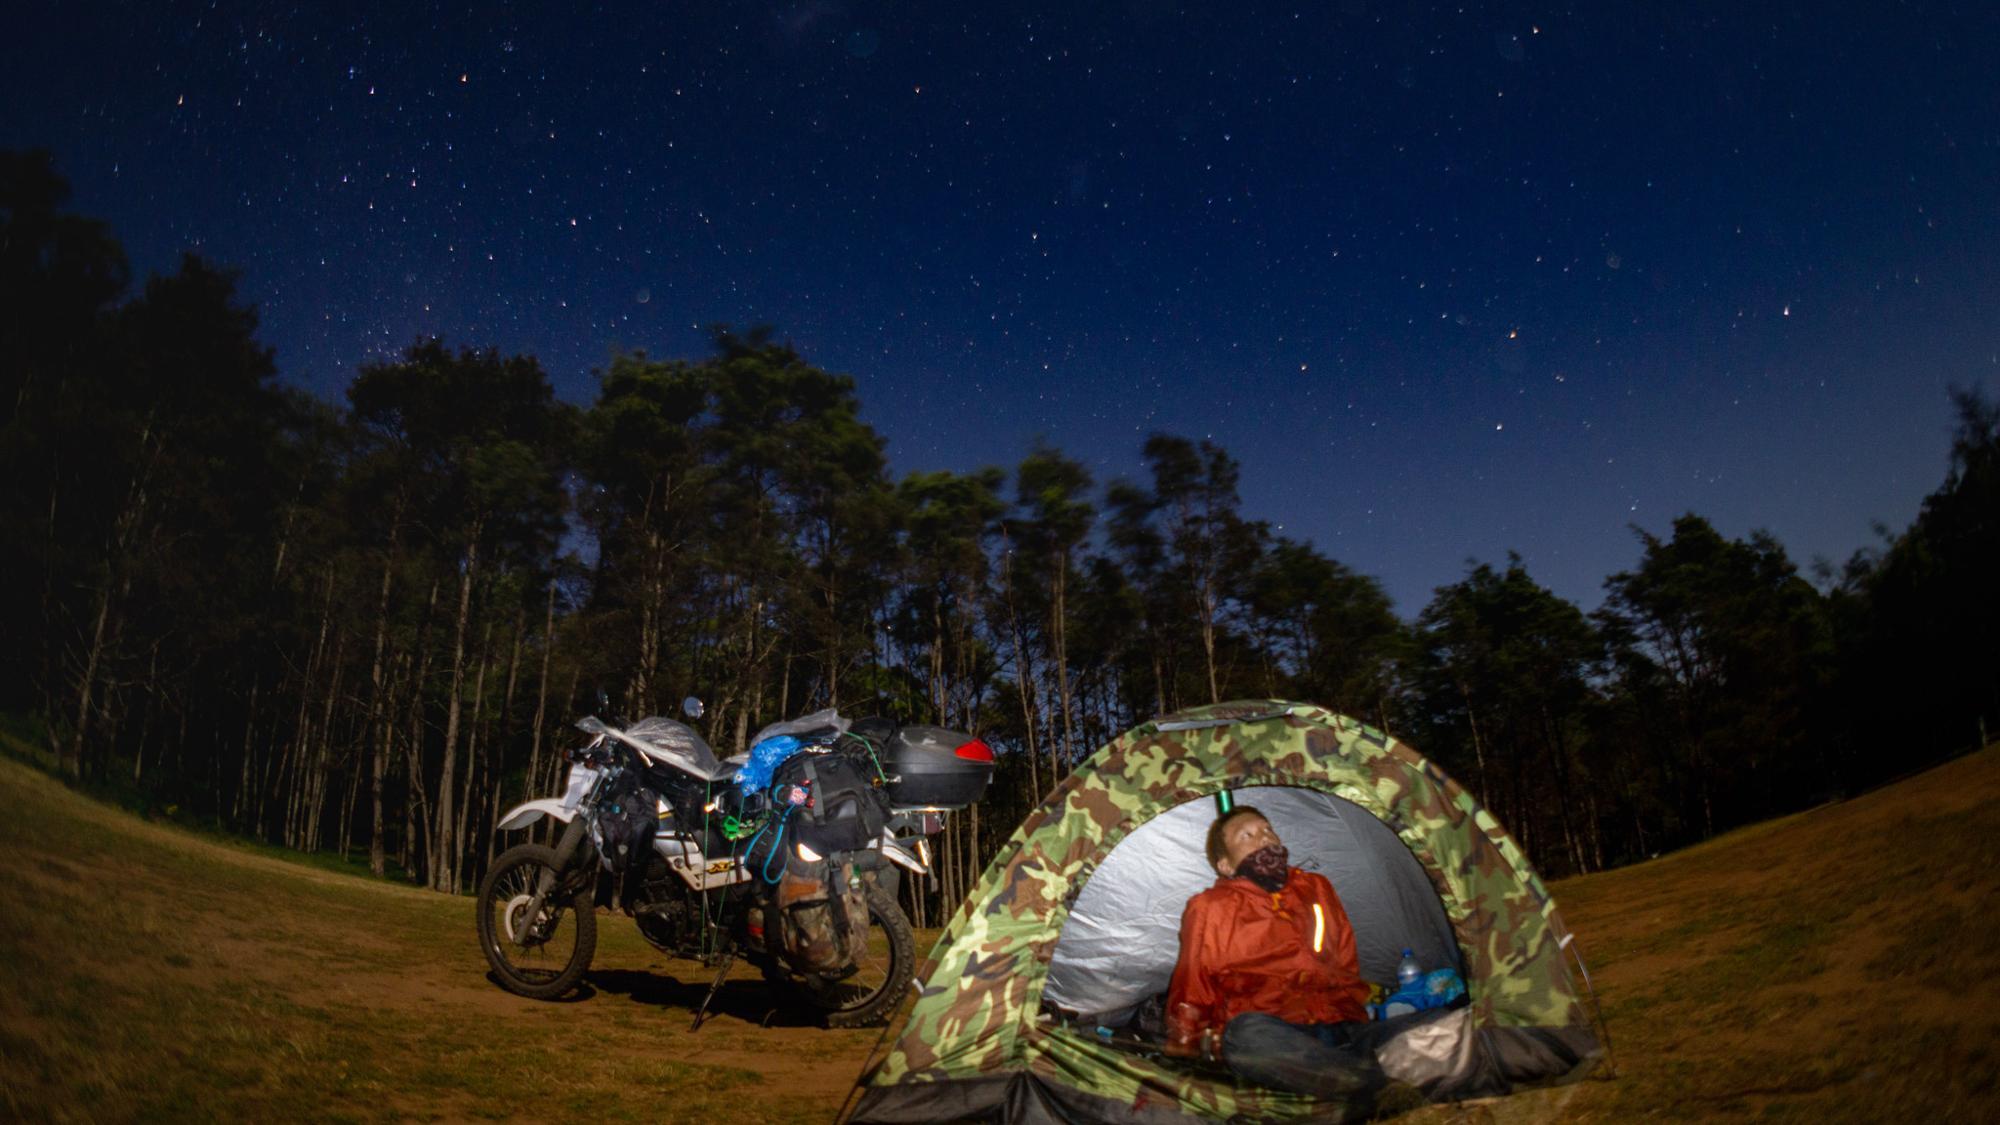 テントの中にある緑色の物がライト